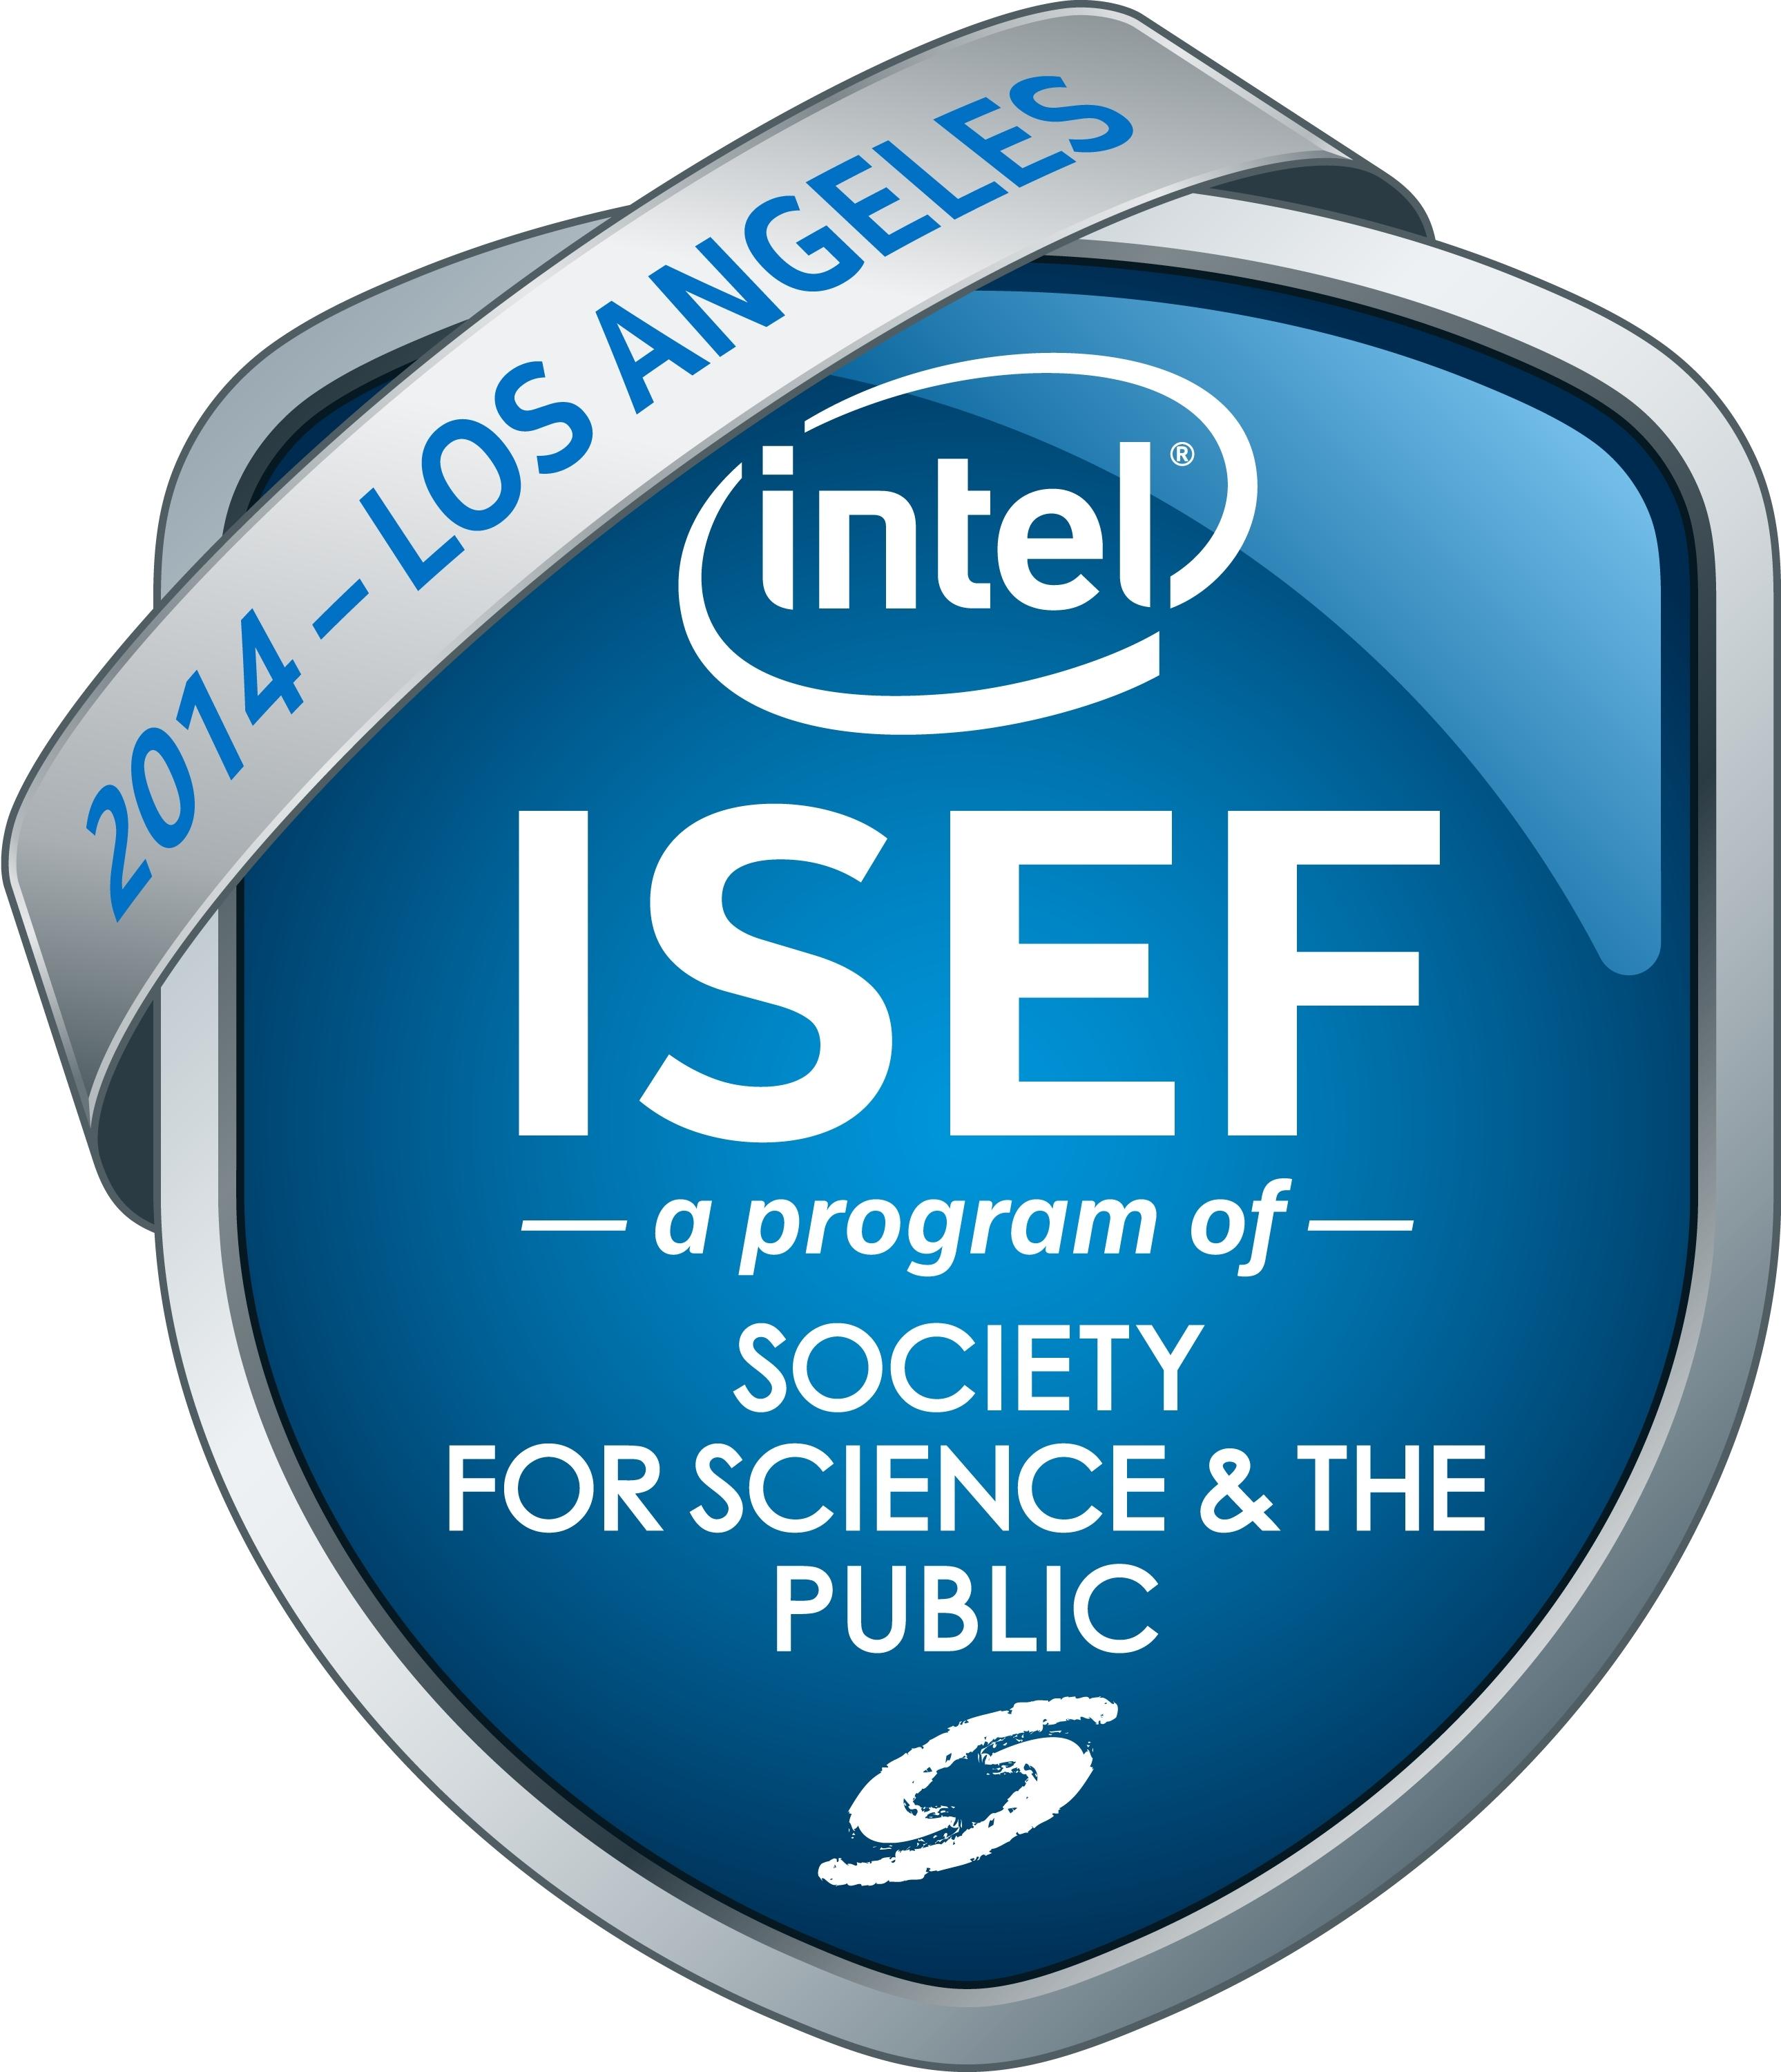 Intel International Science and Engineering Fair - Los Angeles 2014